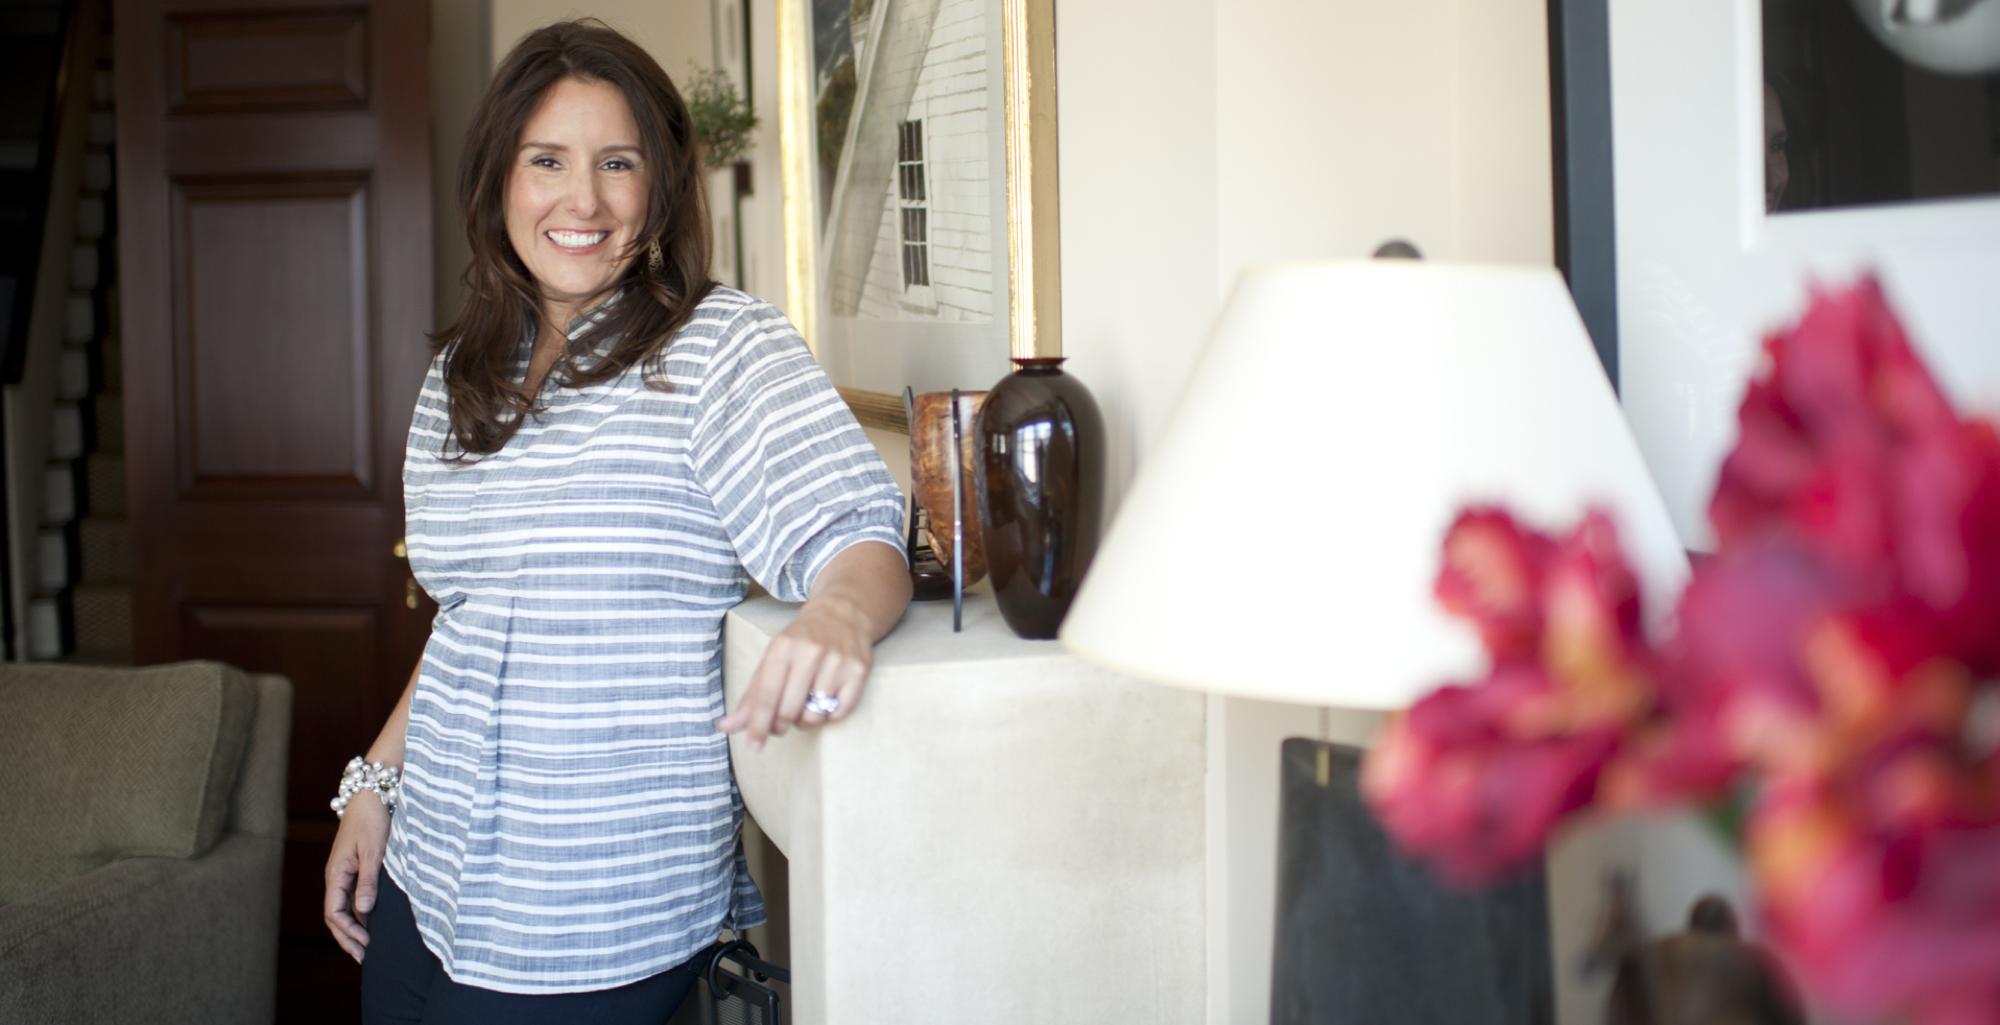 detox, Julie Felsher, healthy, weight loss, be weightless, weightless method